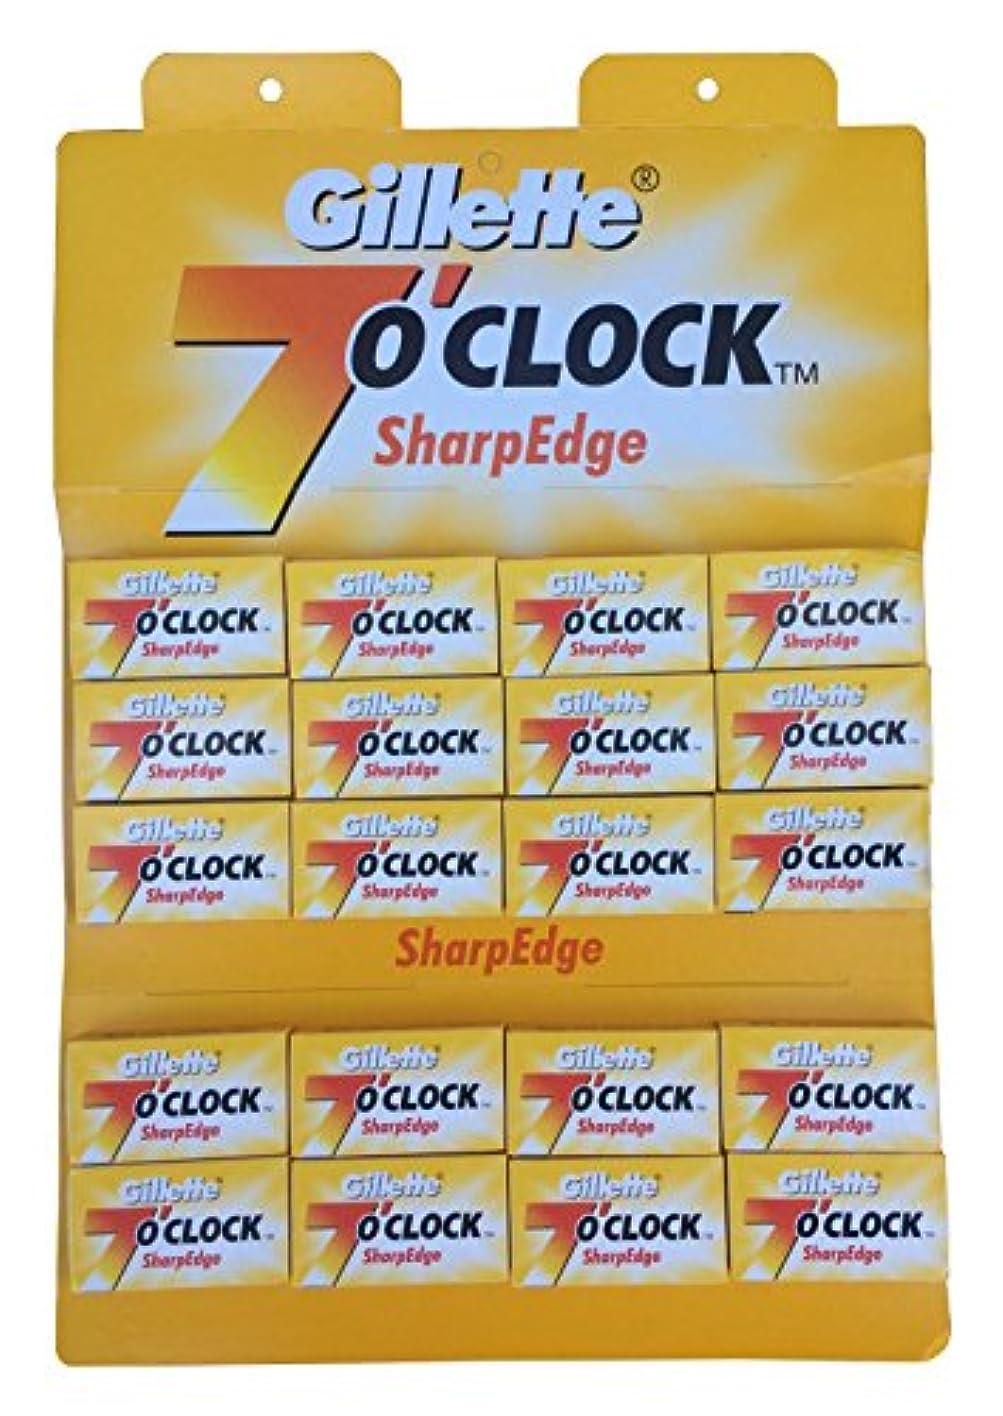 トン休憩保証金Gillette 7 0'Clock SharpEdge 両刃替刃 100枚入り(5枚入り20 個セット)【並行輸入品】